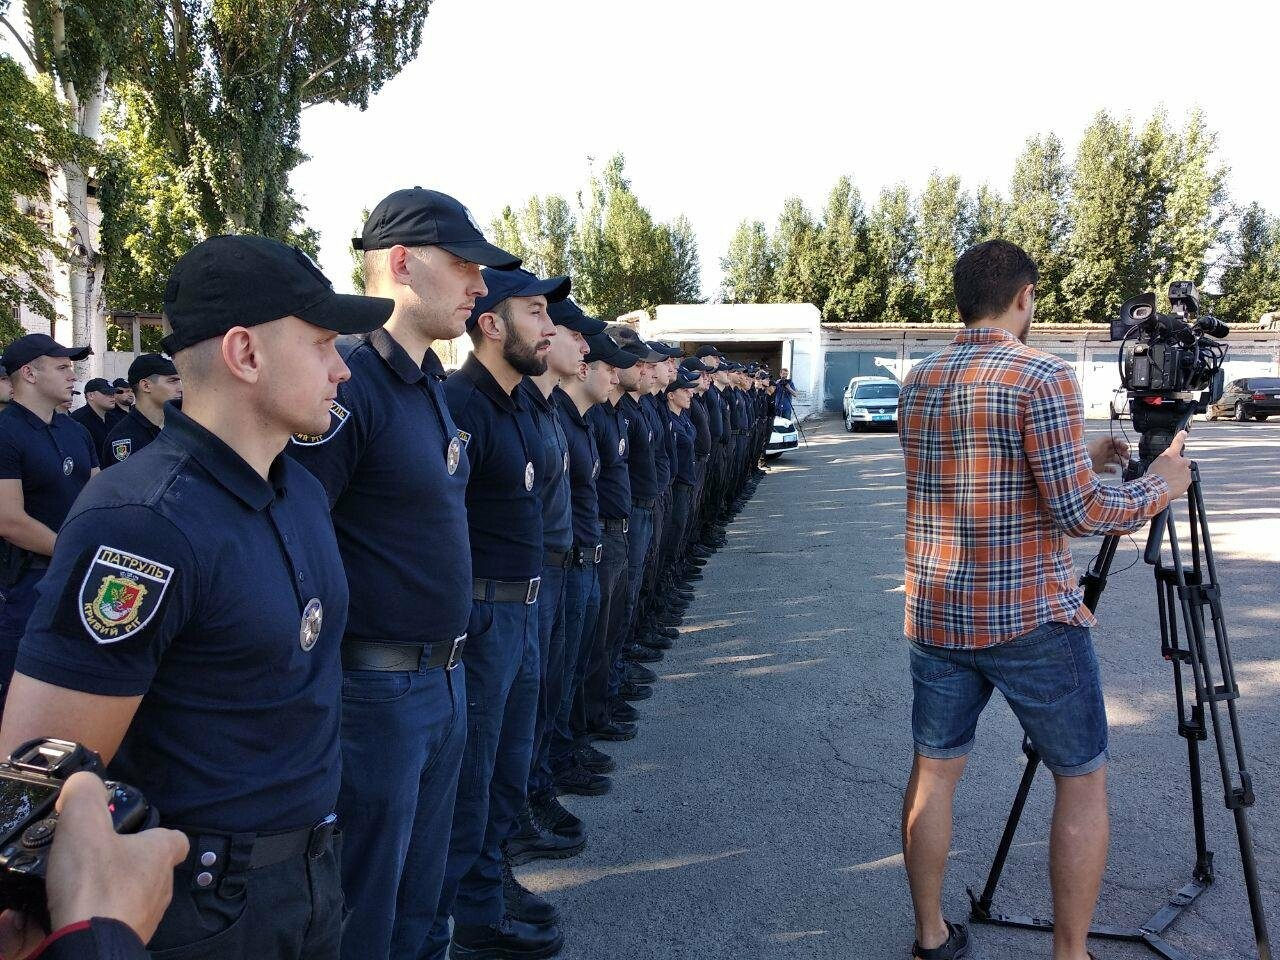 В Кривом Роге наградили патрульных за добросовестное выполнение служебных обязанностей, - ФОТО, фото-5